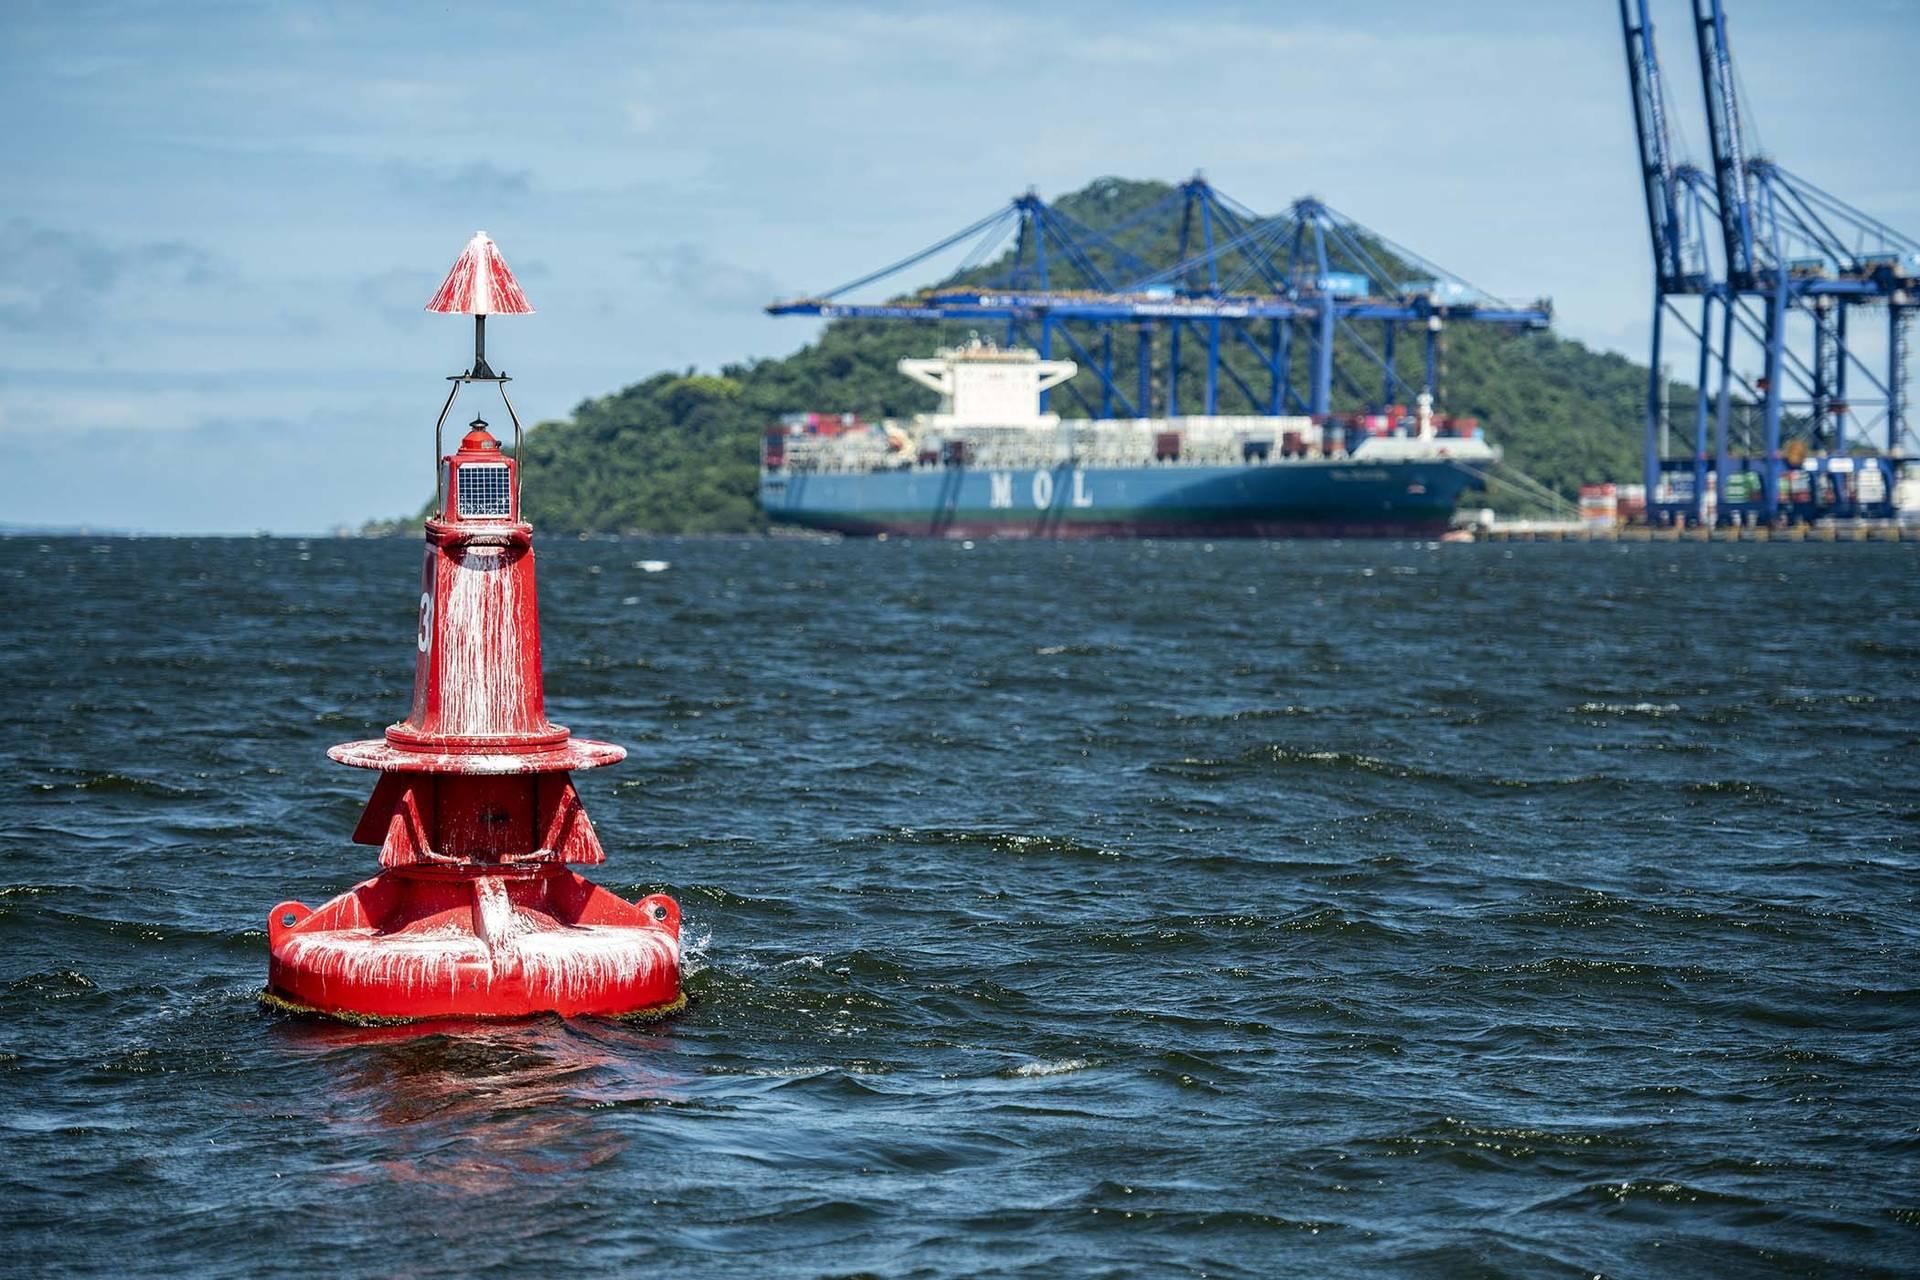 Terminais paranaenses chegaram a quase 100% no Índice de Eficácia por Balizamento do Centro de Auxílio à Navegação Moraes Rego, da Marinha do Brasil, uma métrica usada para avaliar a segurança no tráfego marítimo em todo o mundo.